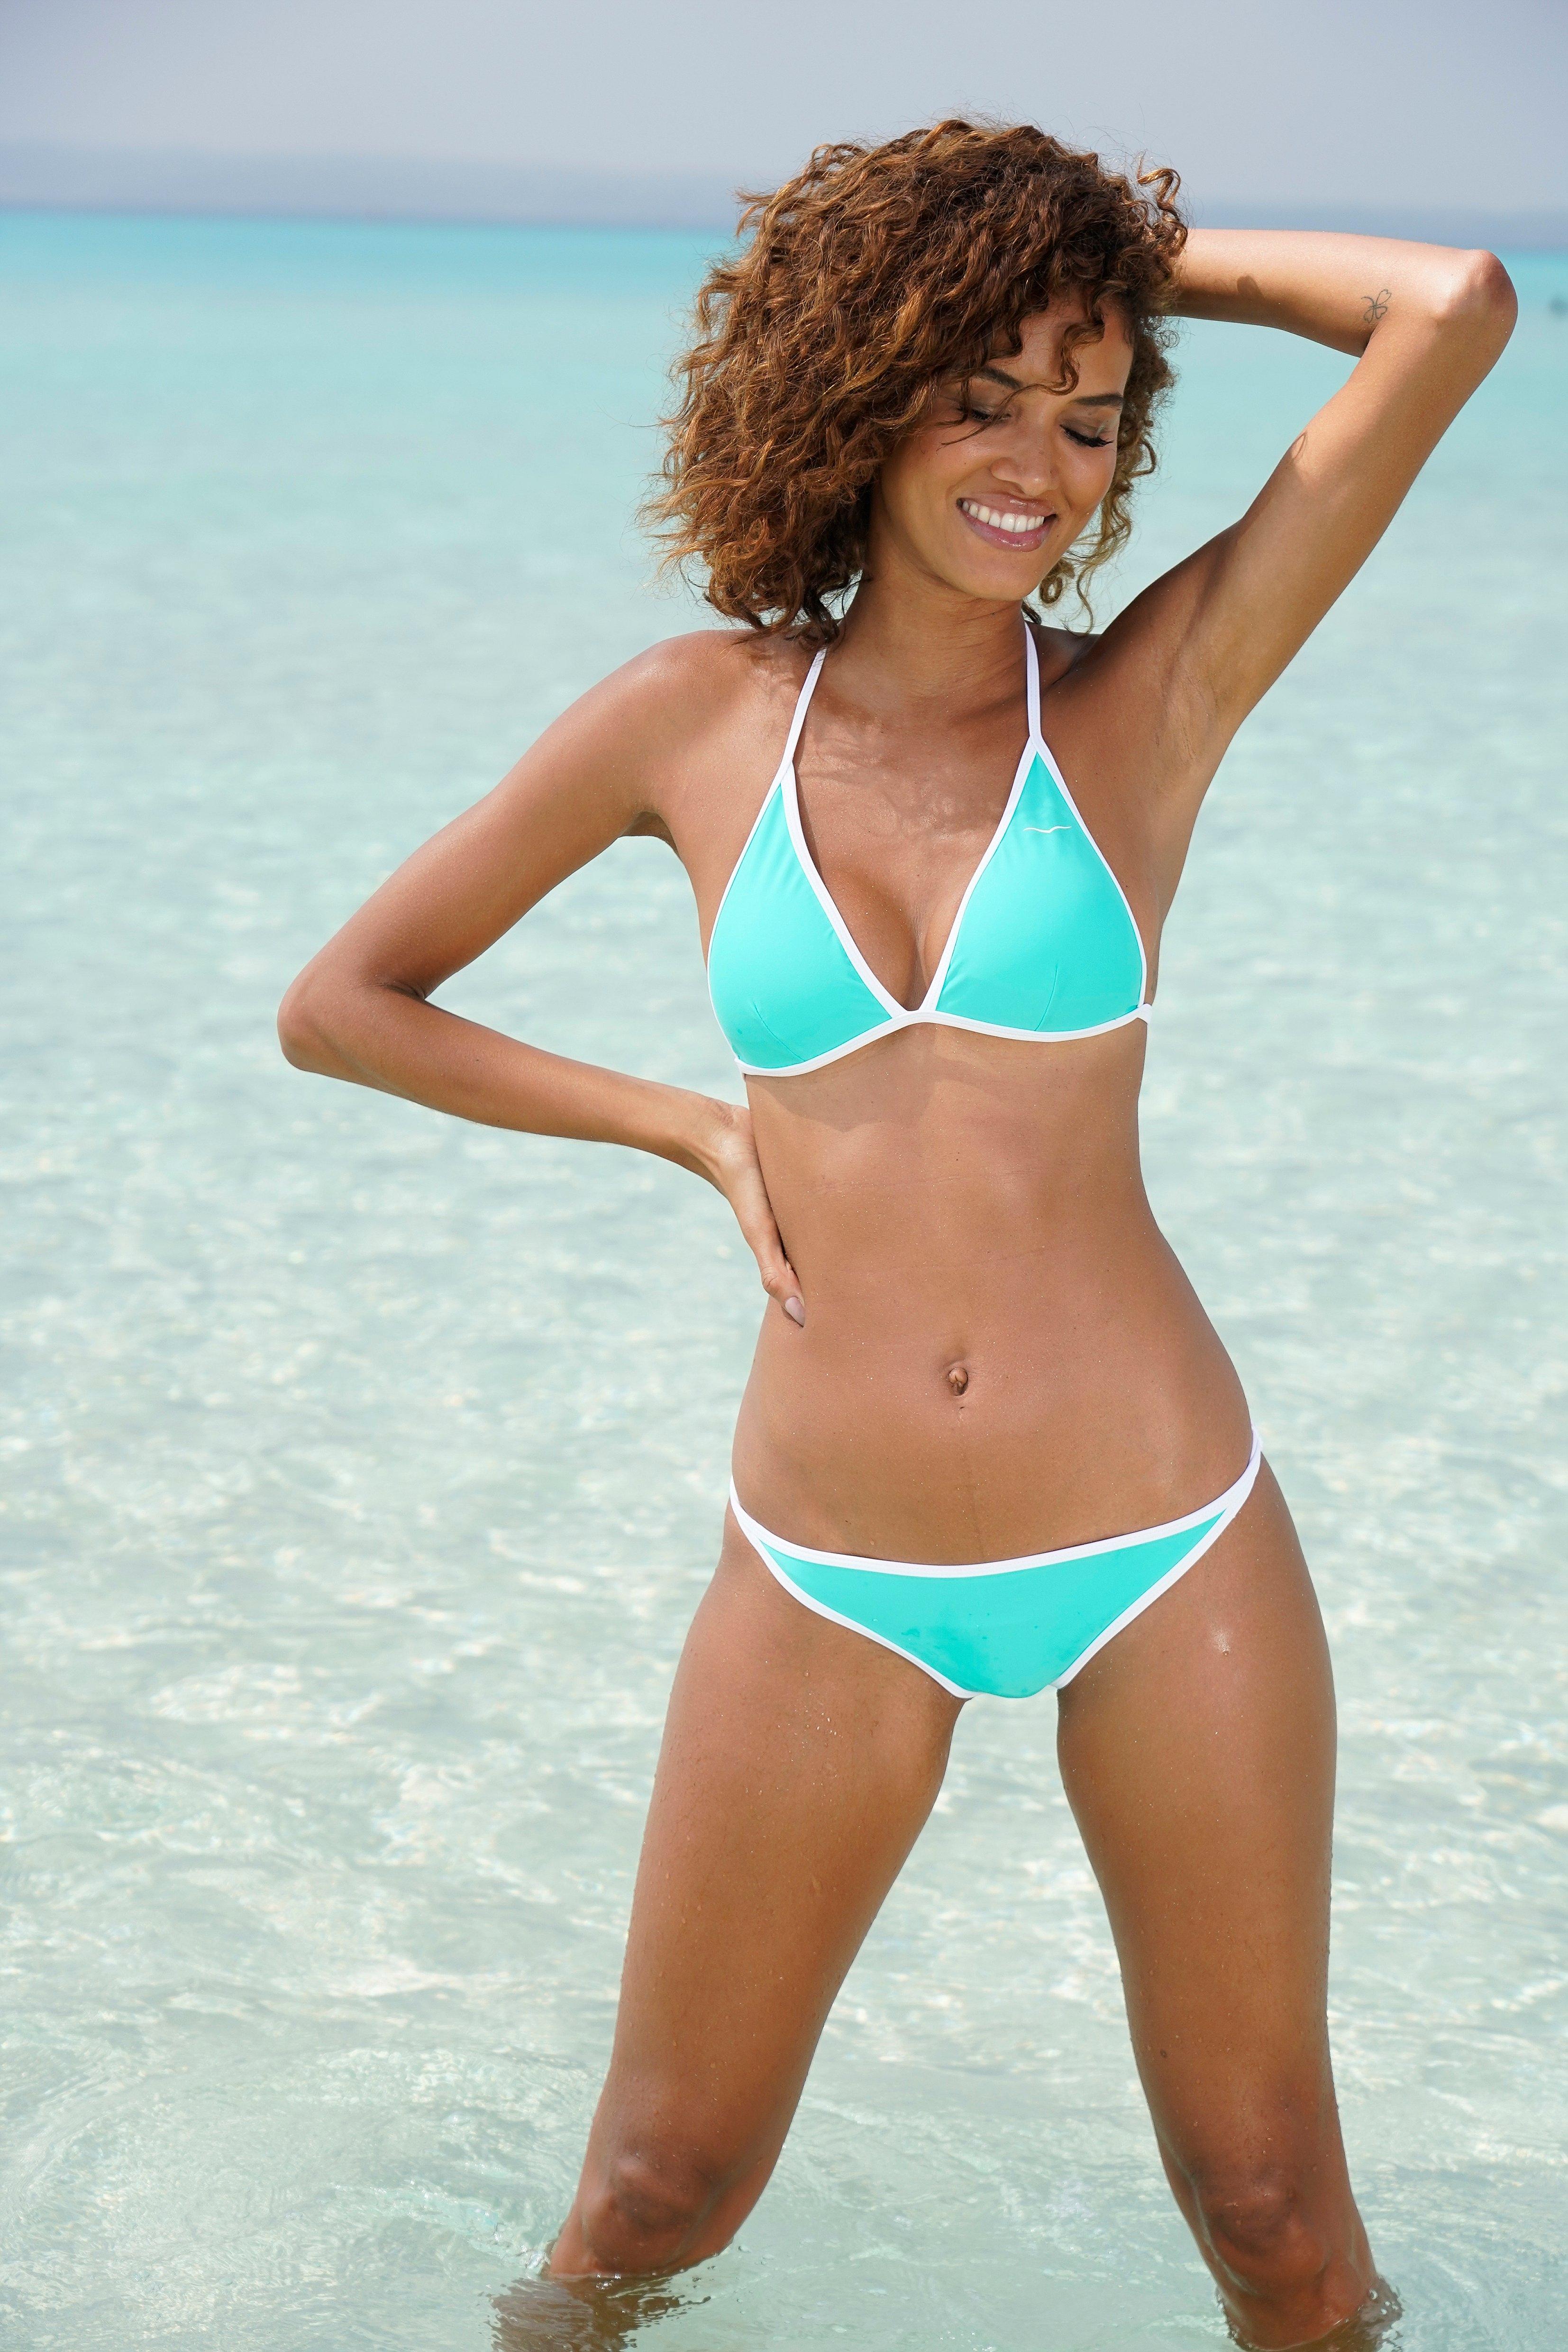 Op zoek naar een Venice Beach triangel-bikinitop L.A. met contrast-piping? Koop online bij Lascana